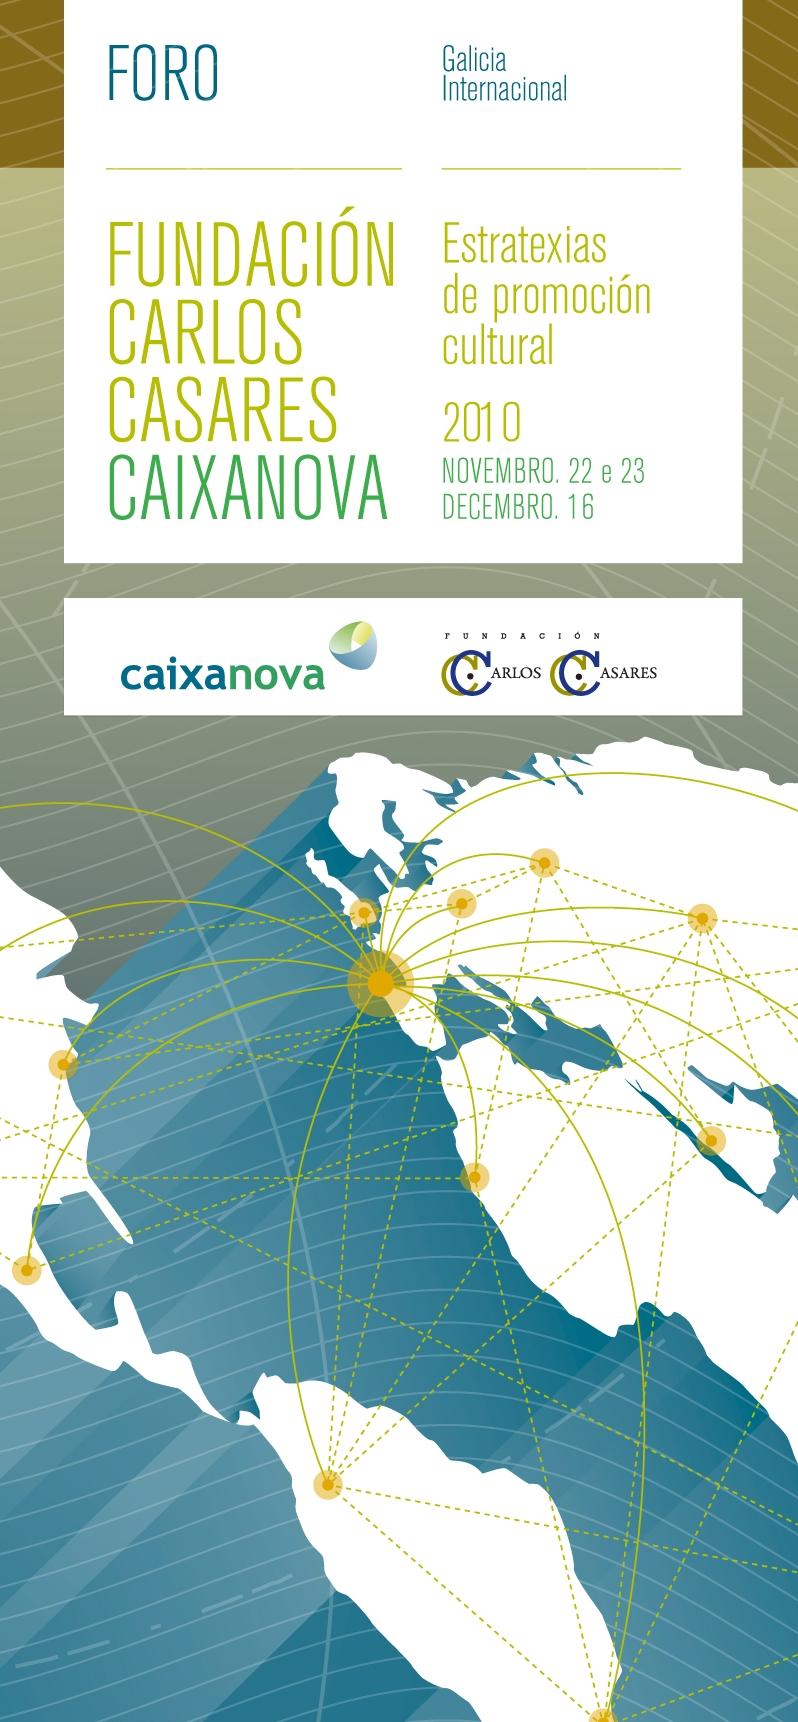 Foro Fundación Carlos Casares - Caixanova